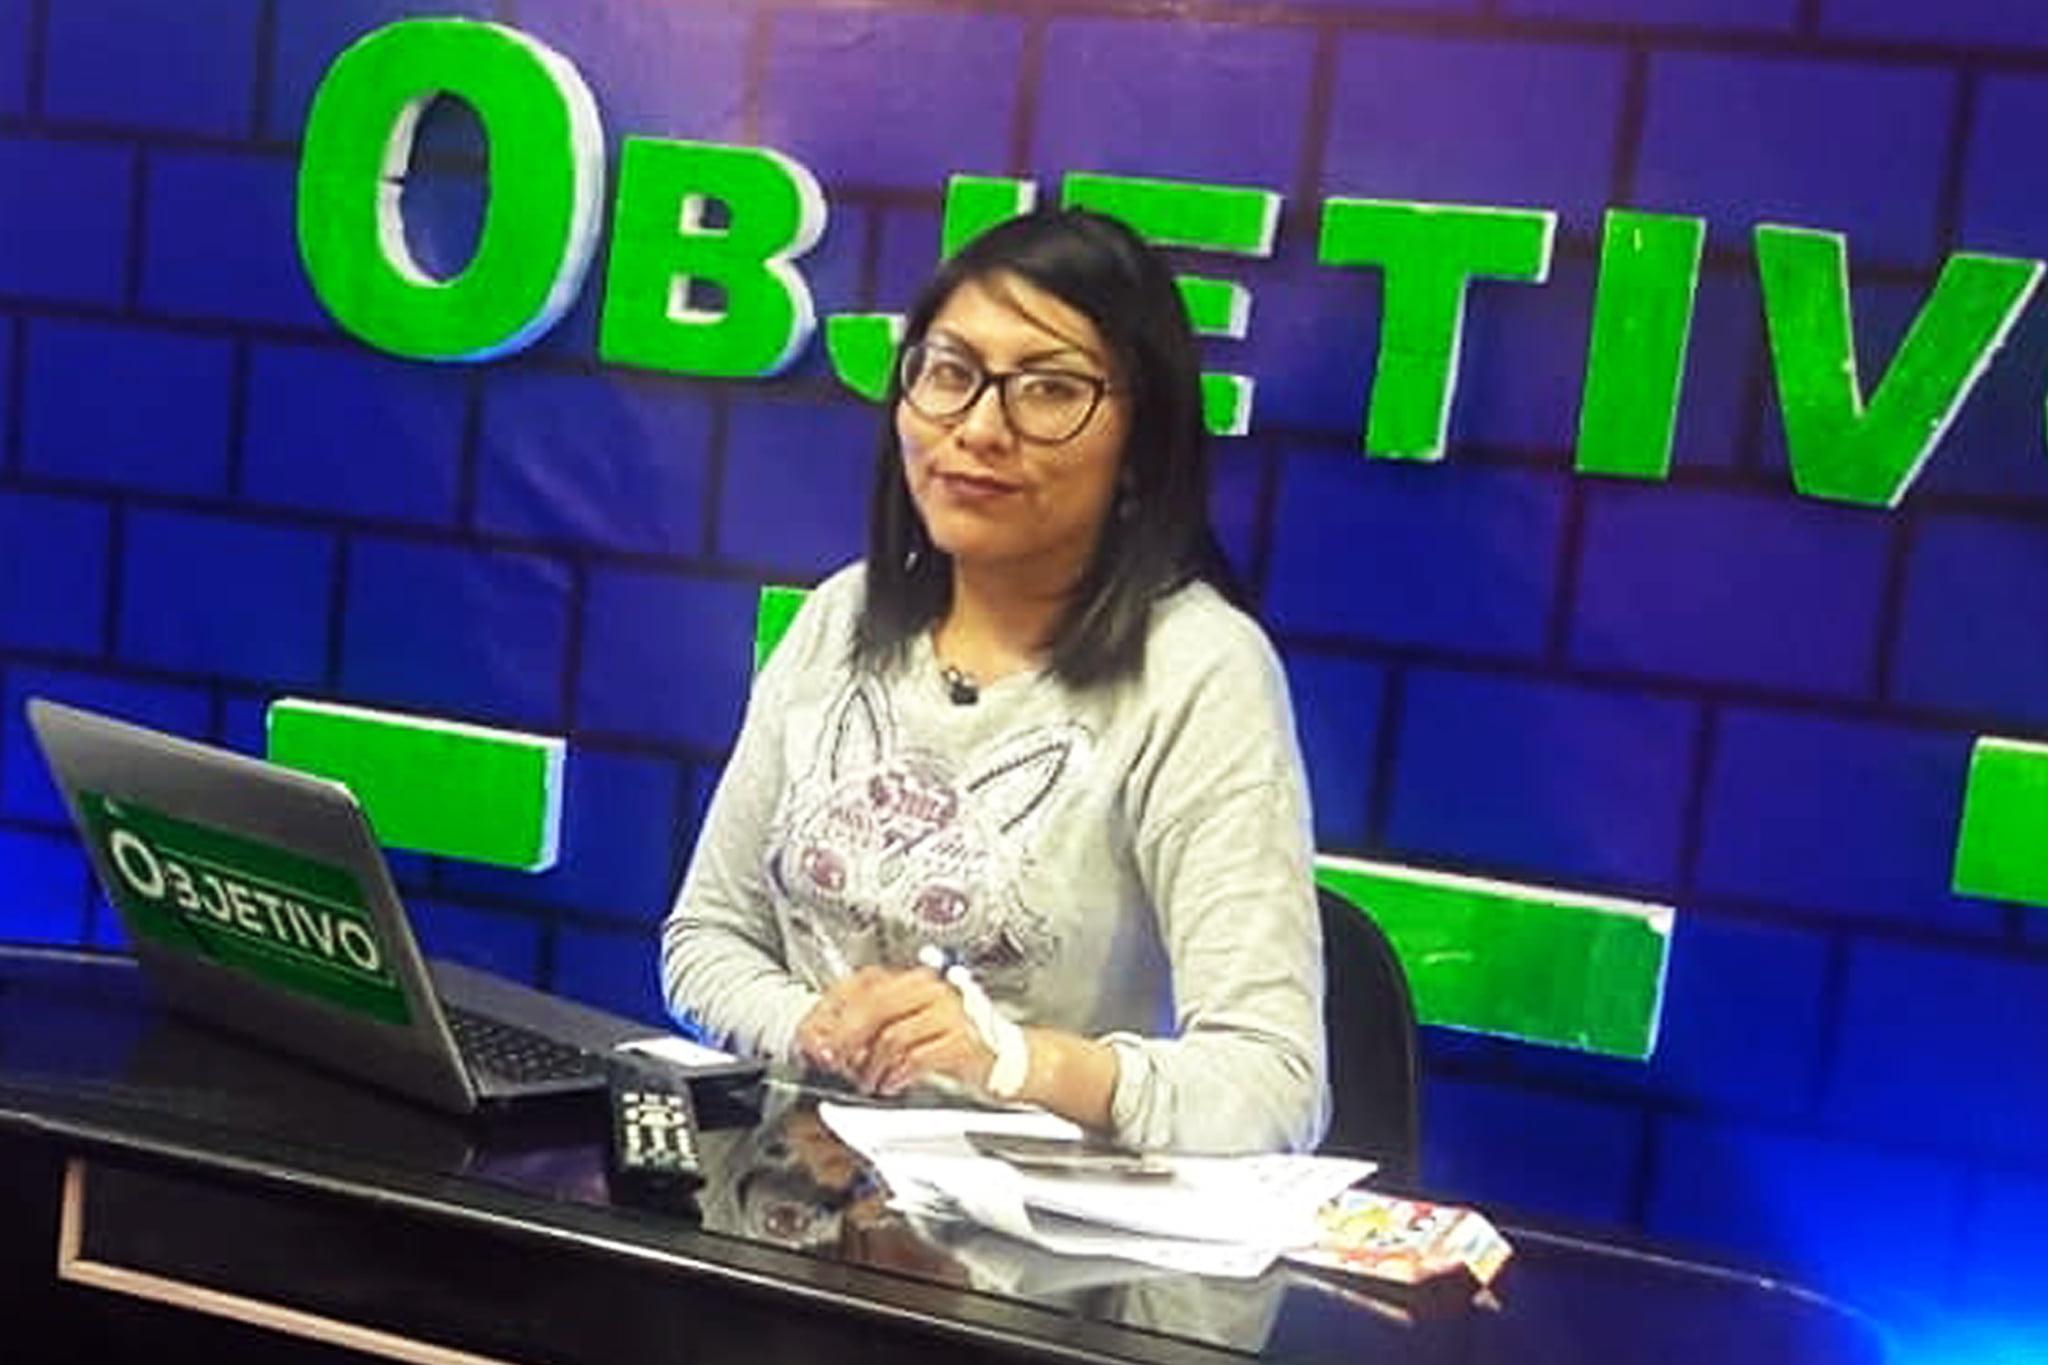 Perú: una periodista fue atacada con un látigo mientras realizaba una cobertura